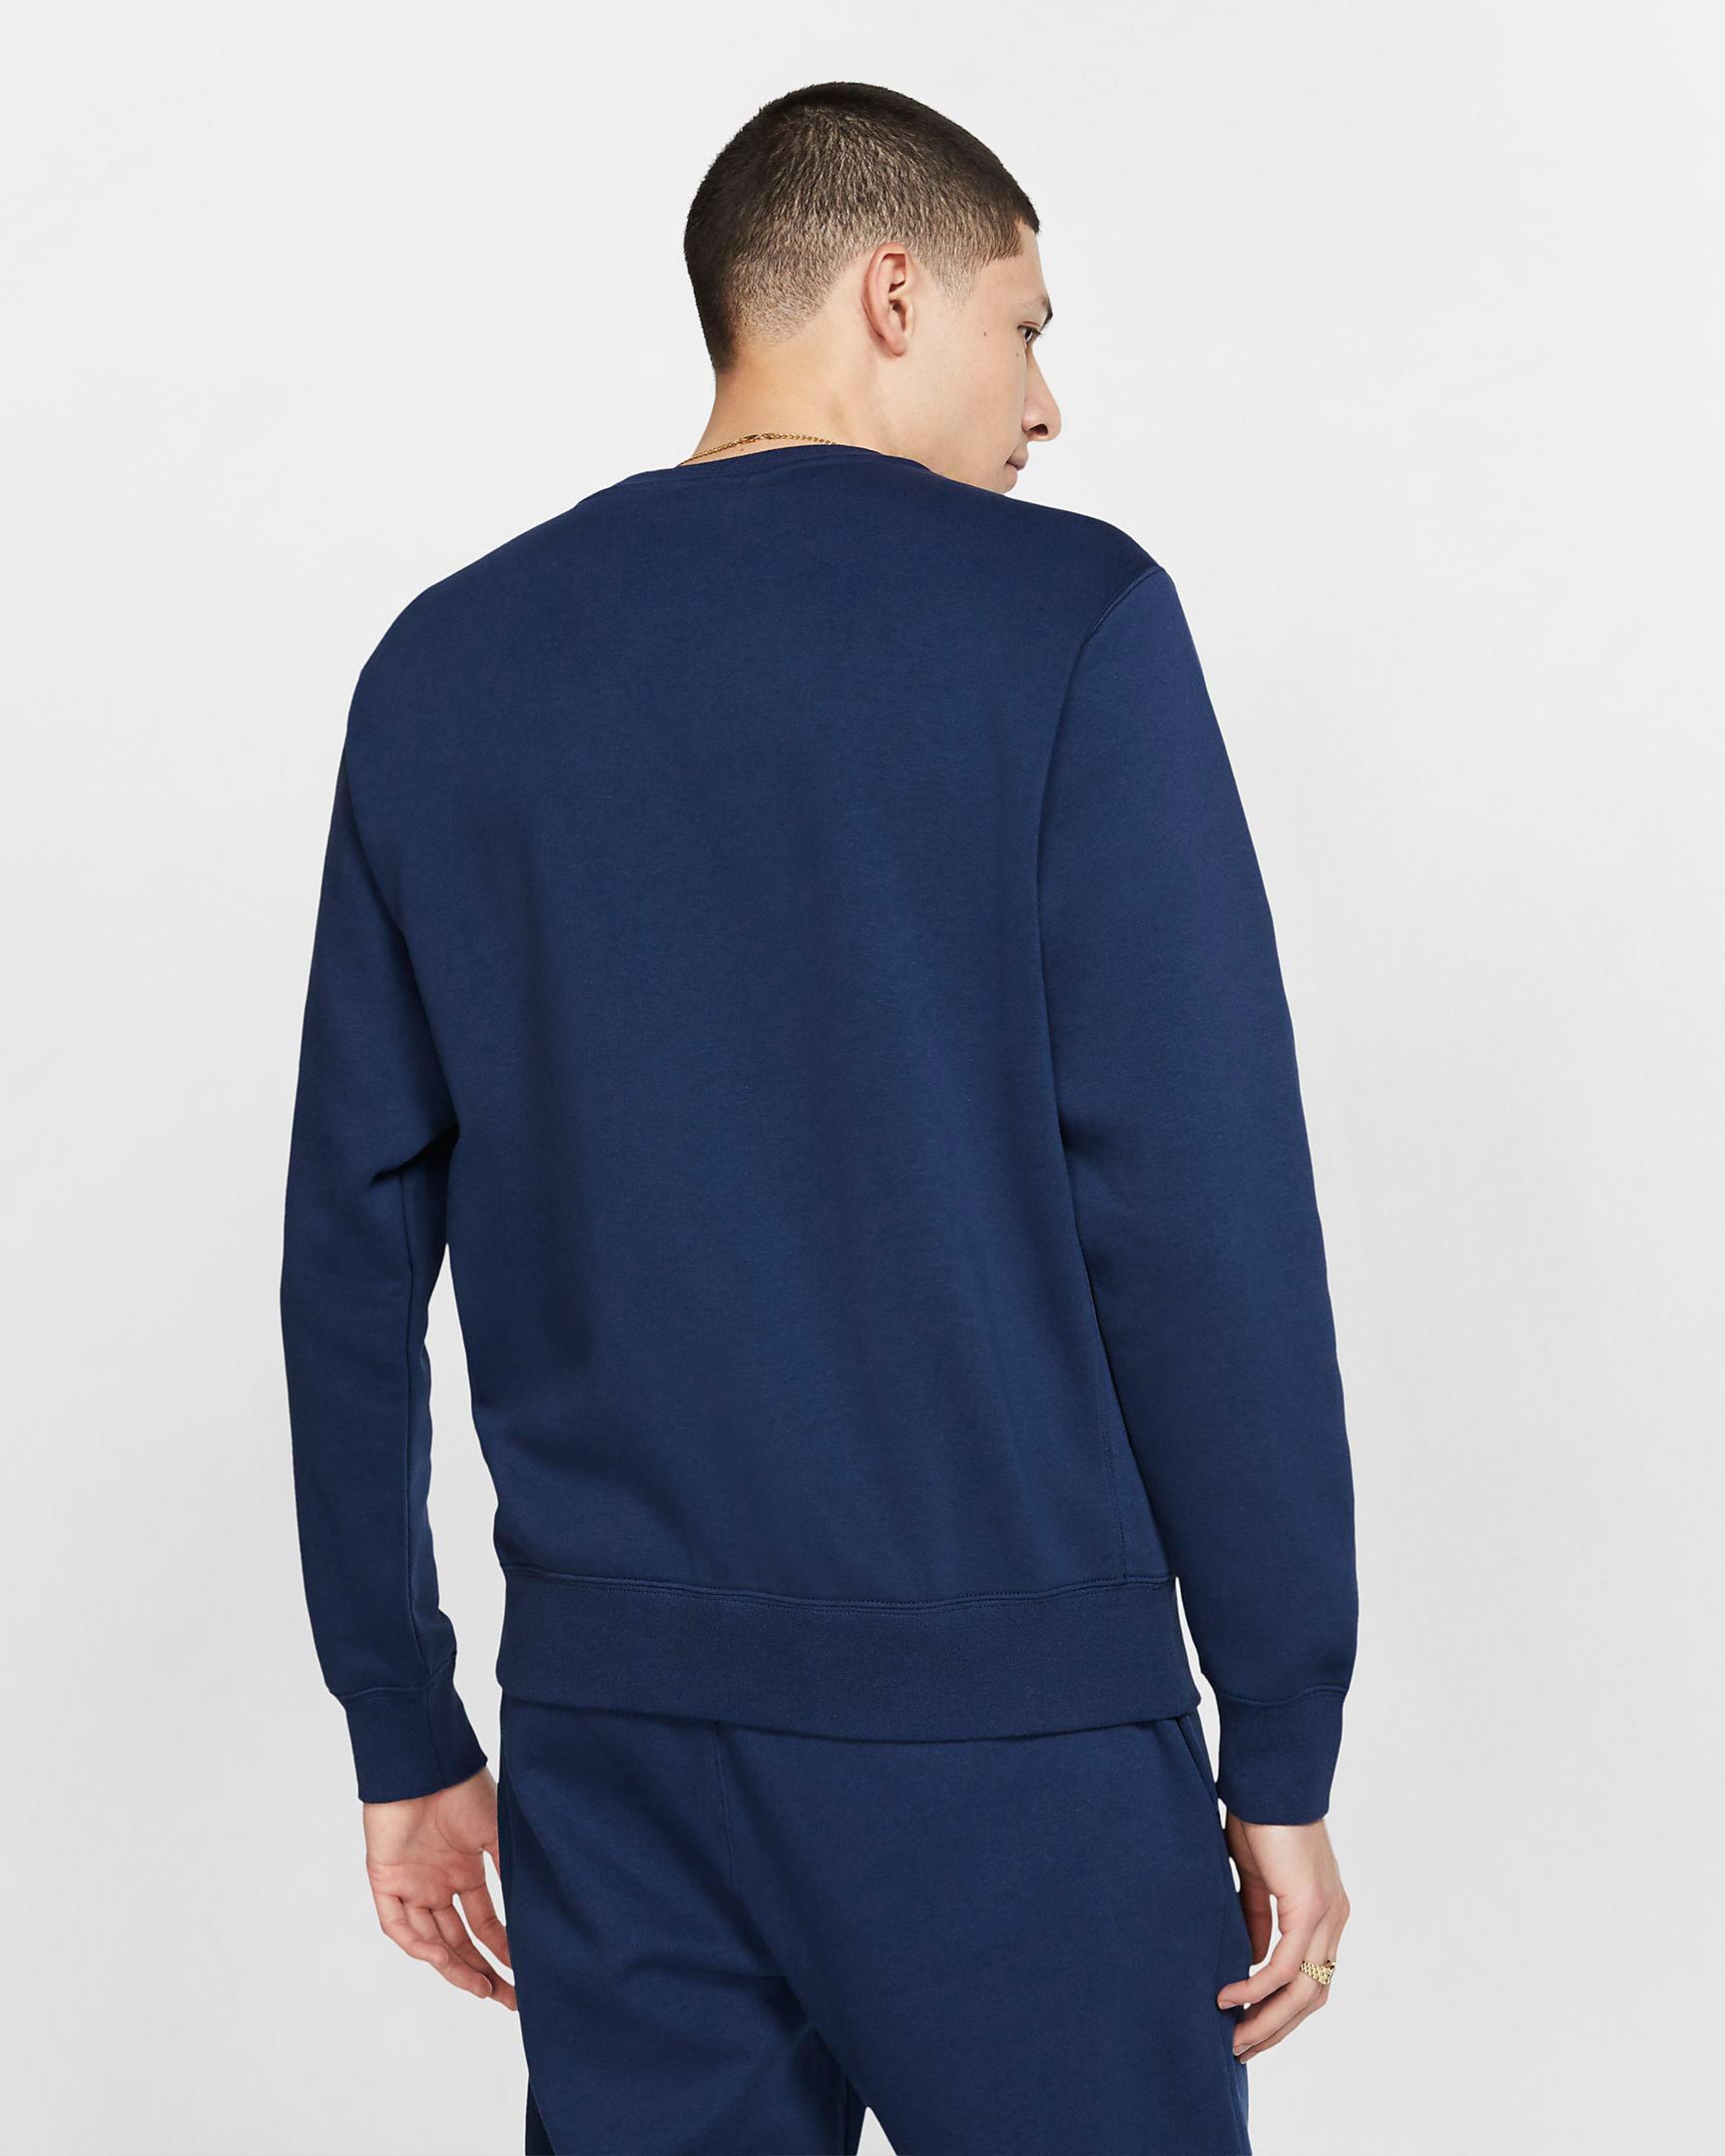 air-jordan-1-midnight-navy-sweatshirt-2